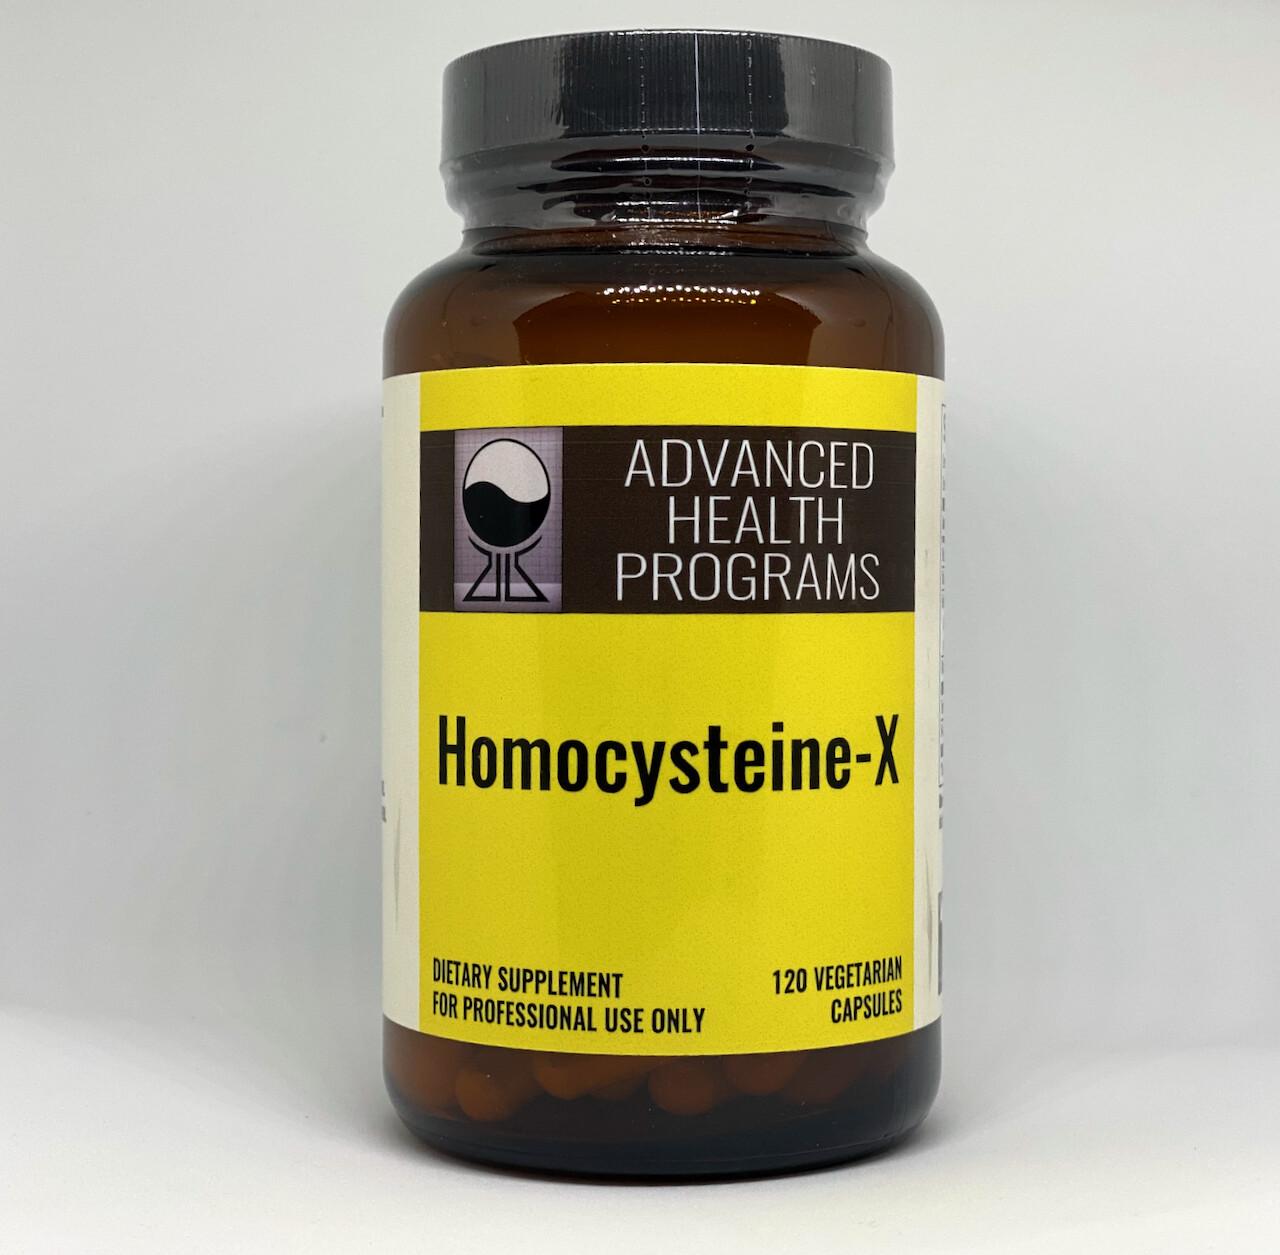 Homocysteine-X